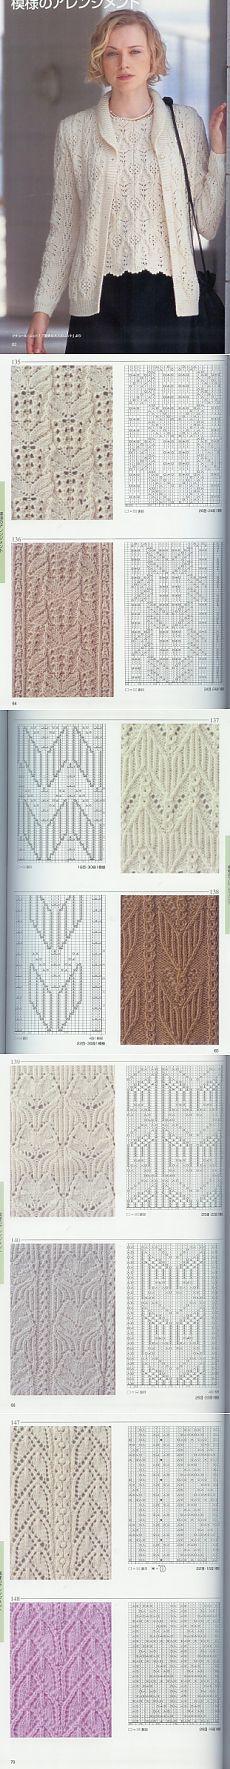 Узоры спицами / Вязание спицами / Вязание спицами для начинающих